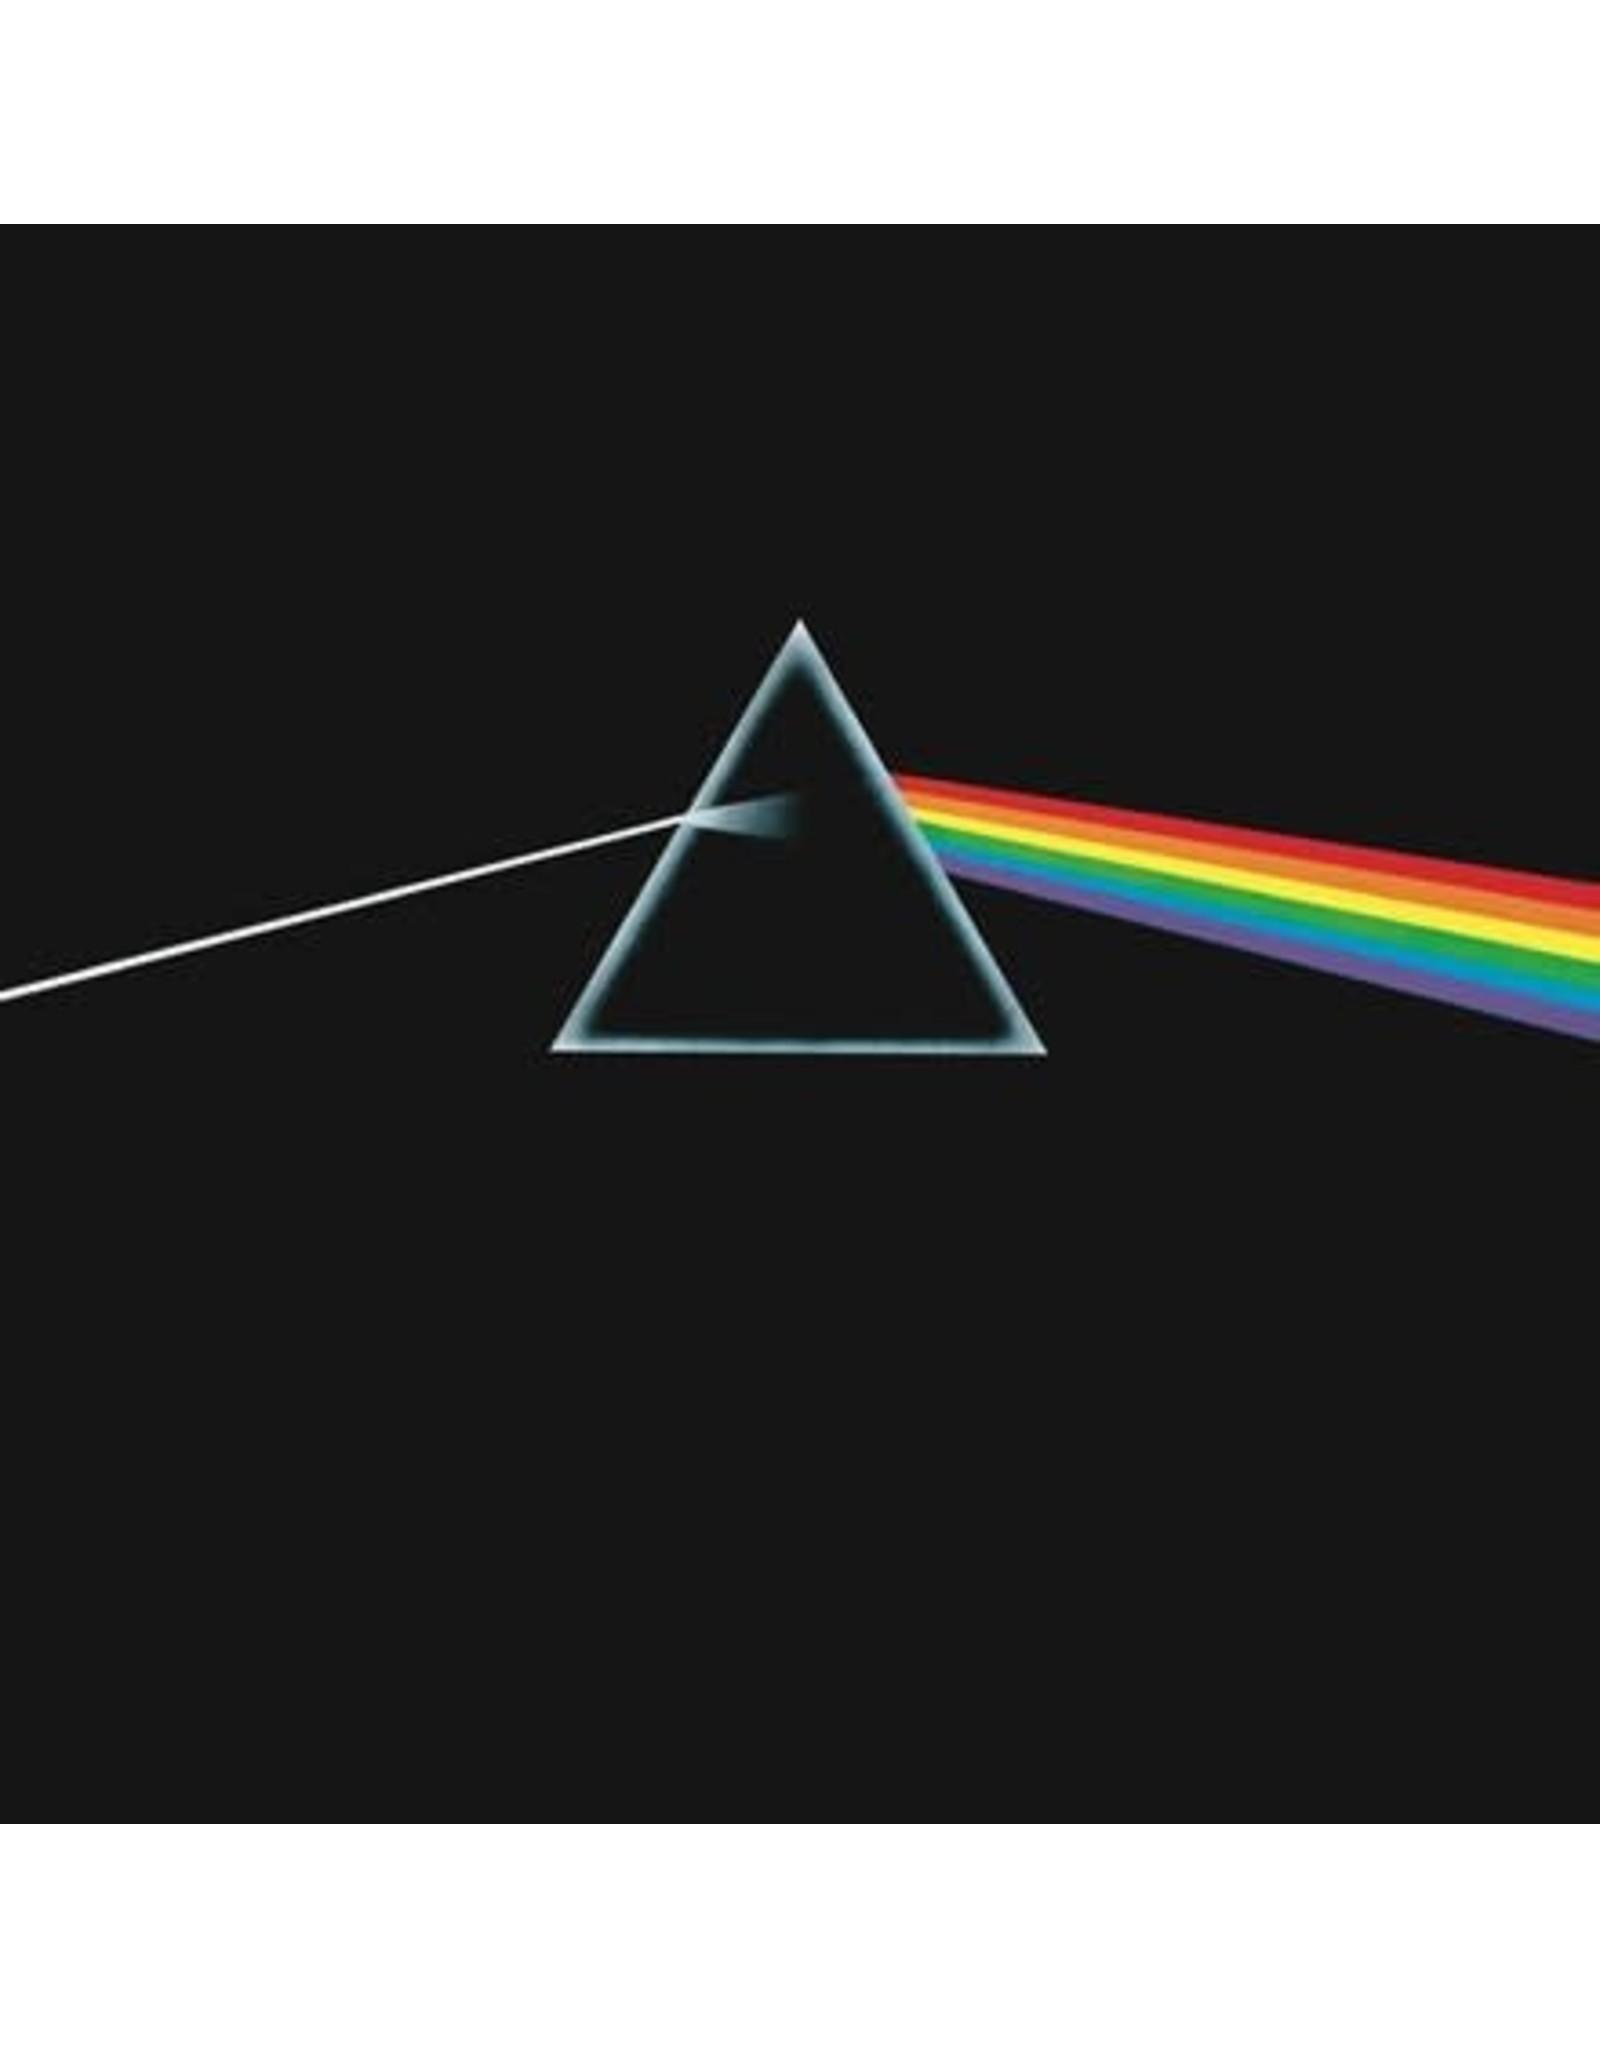 Columbia Pink Floyd: Dark Side Of The Moon LP